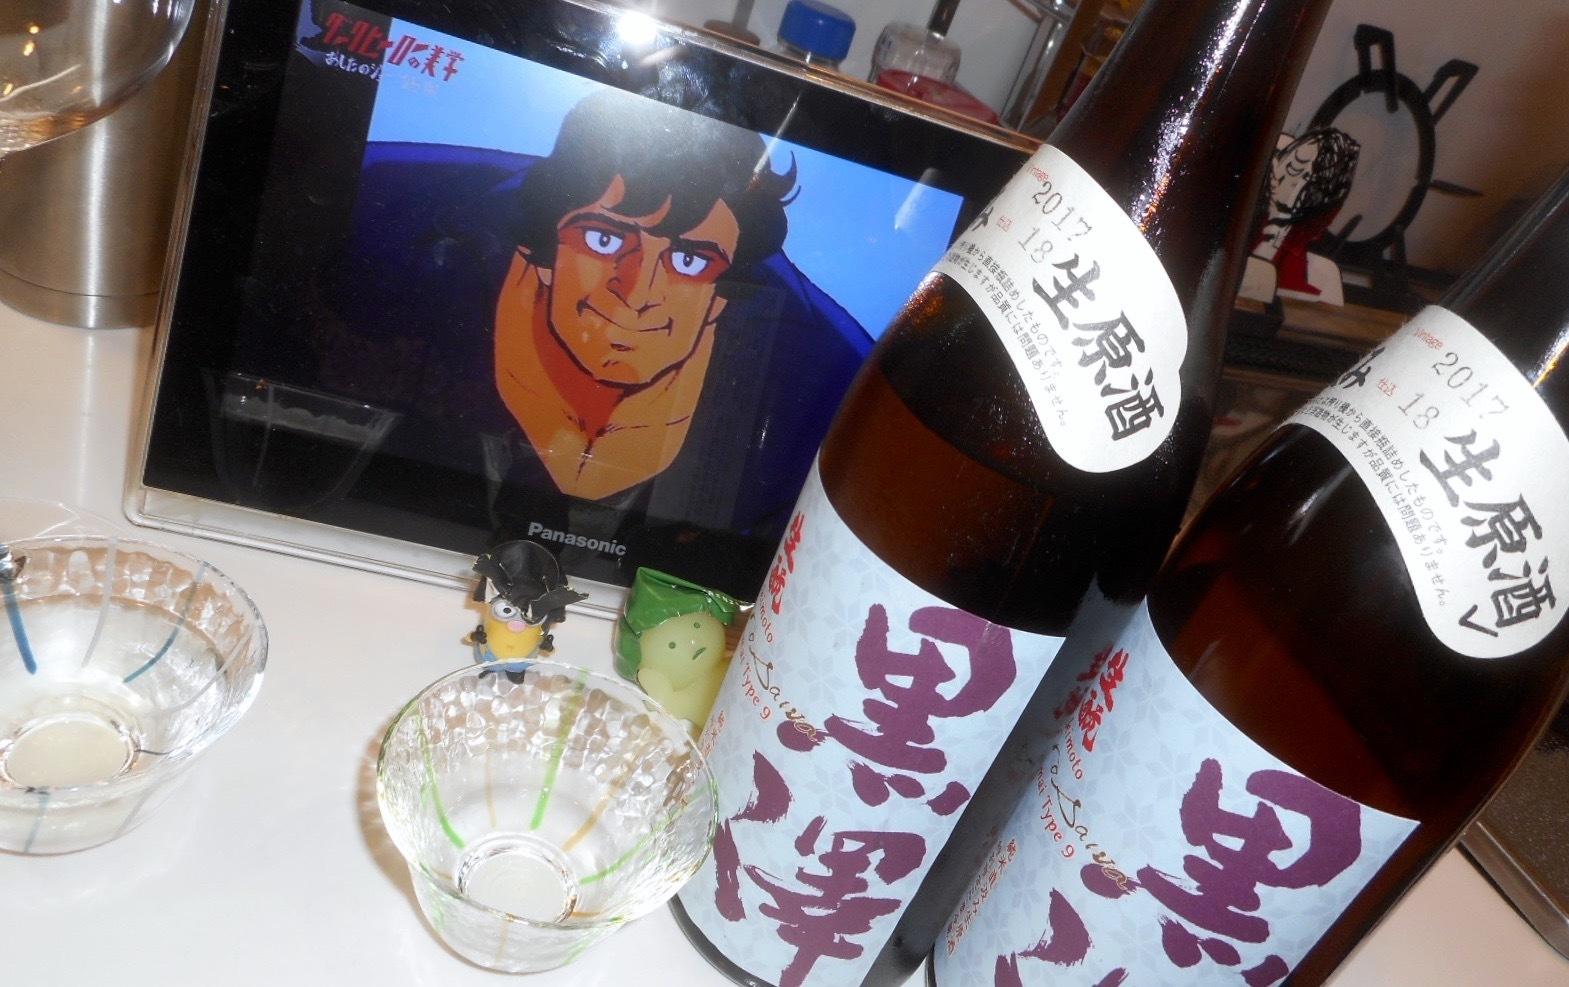 kurosawa_type9_29by4_4.jpg